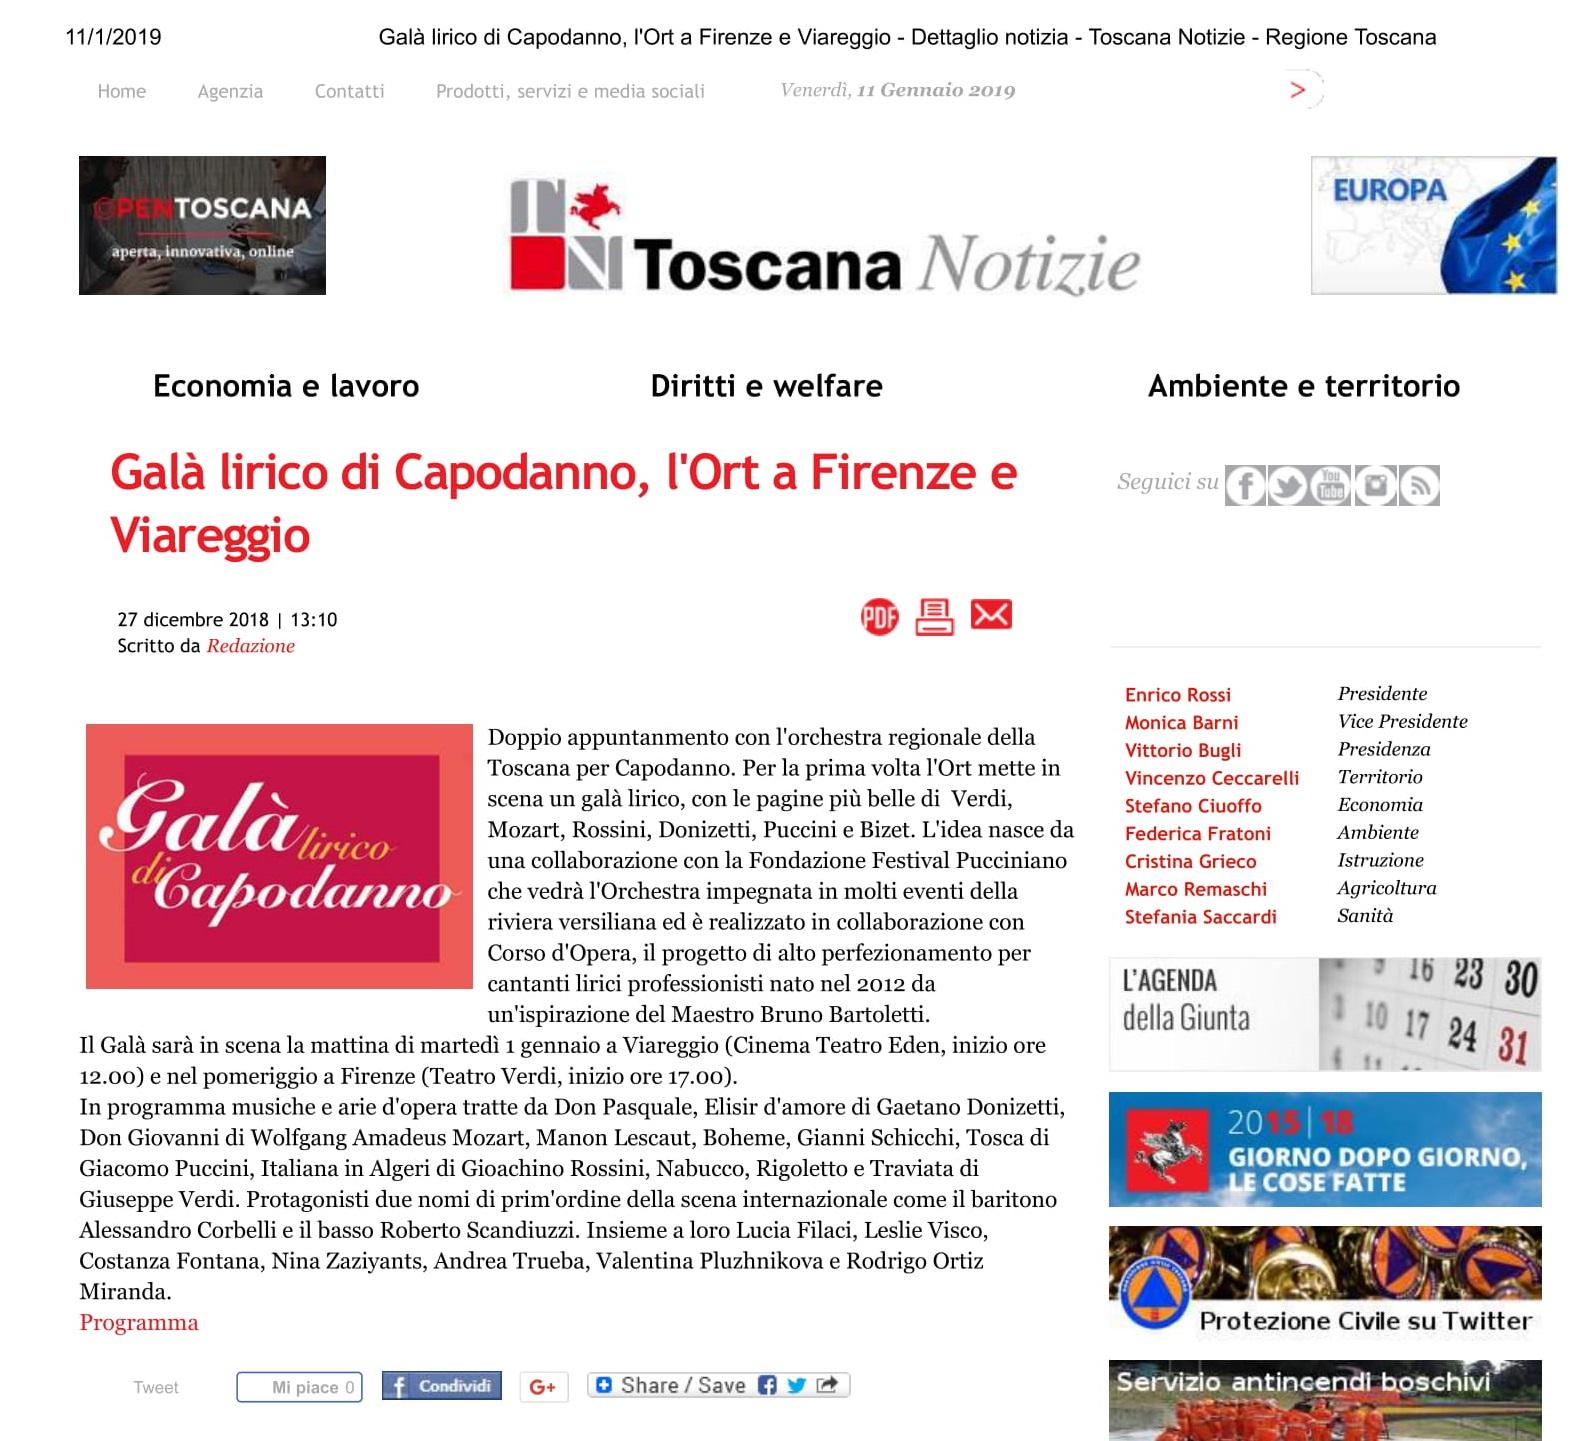 Galà lirico di Capodanno- Toscana Notizie - Regione Toscana-1